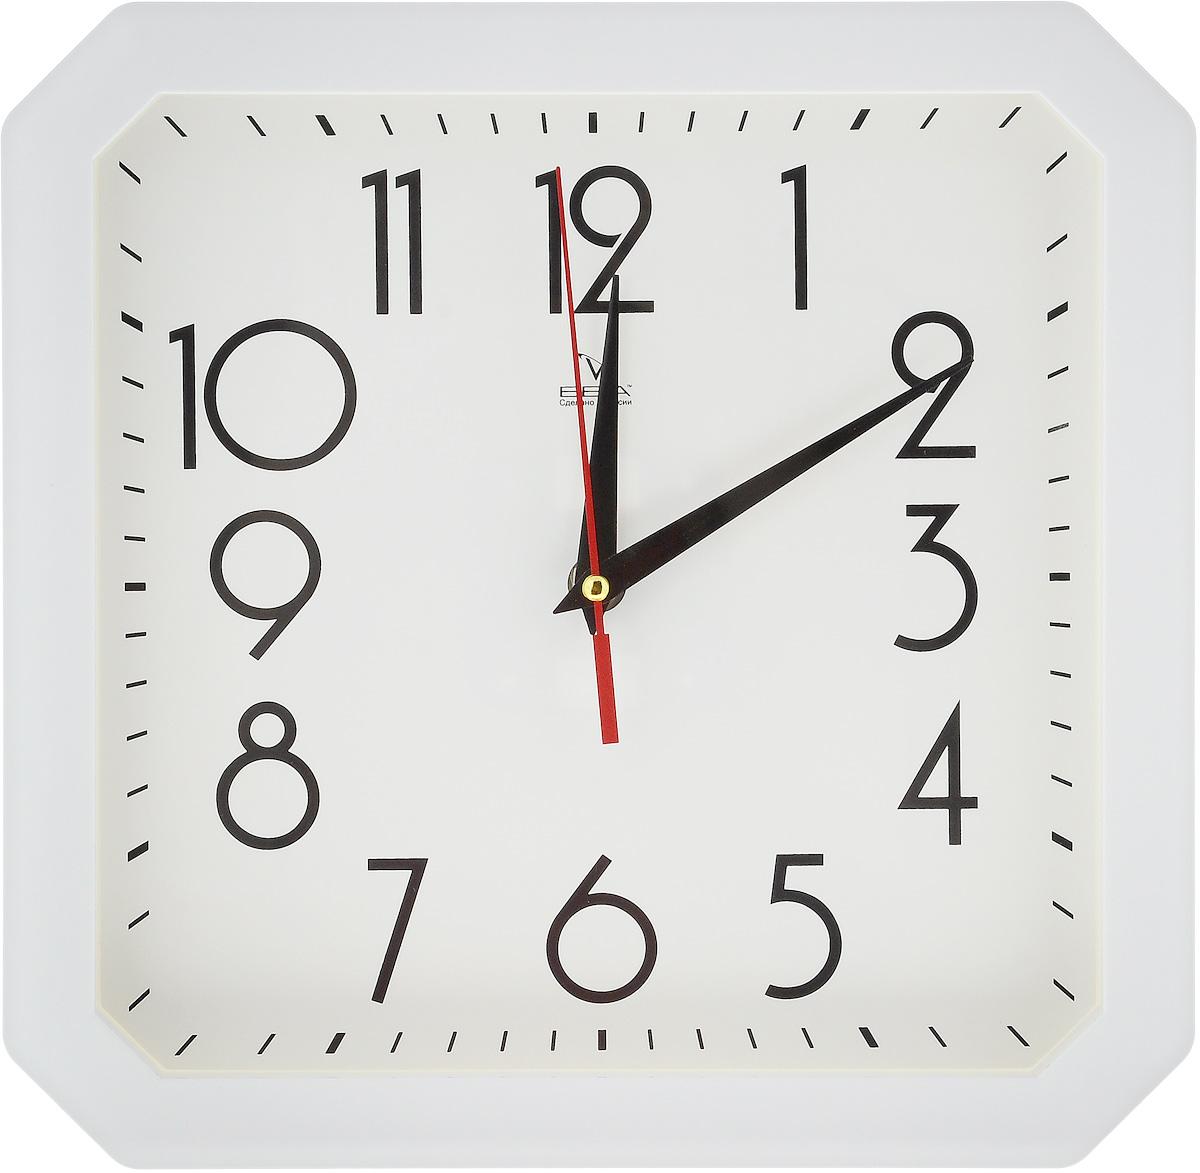 Часы настенные Вега Классика, цвет: белый, 28 х 28 смП4-7/7-81Настенные кварцевые часы Вега Классика, изготовленные из пластика, прекрасно впишутся в интерьер вашего дома. Часы имеют три стрелки: часовую, минутную и секундную, циферблат защищен прозрачным стеклом. Часы работают от 1 батарейки типа АА напряжением 1,5 В (не входит в комплект). Размер часов: 28 х 28 х 4 см.